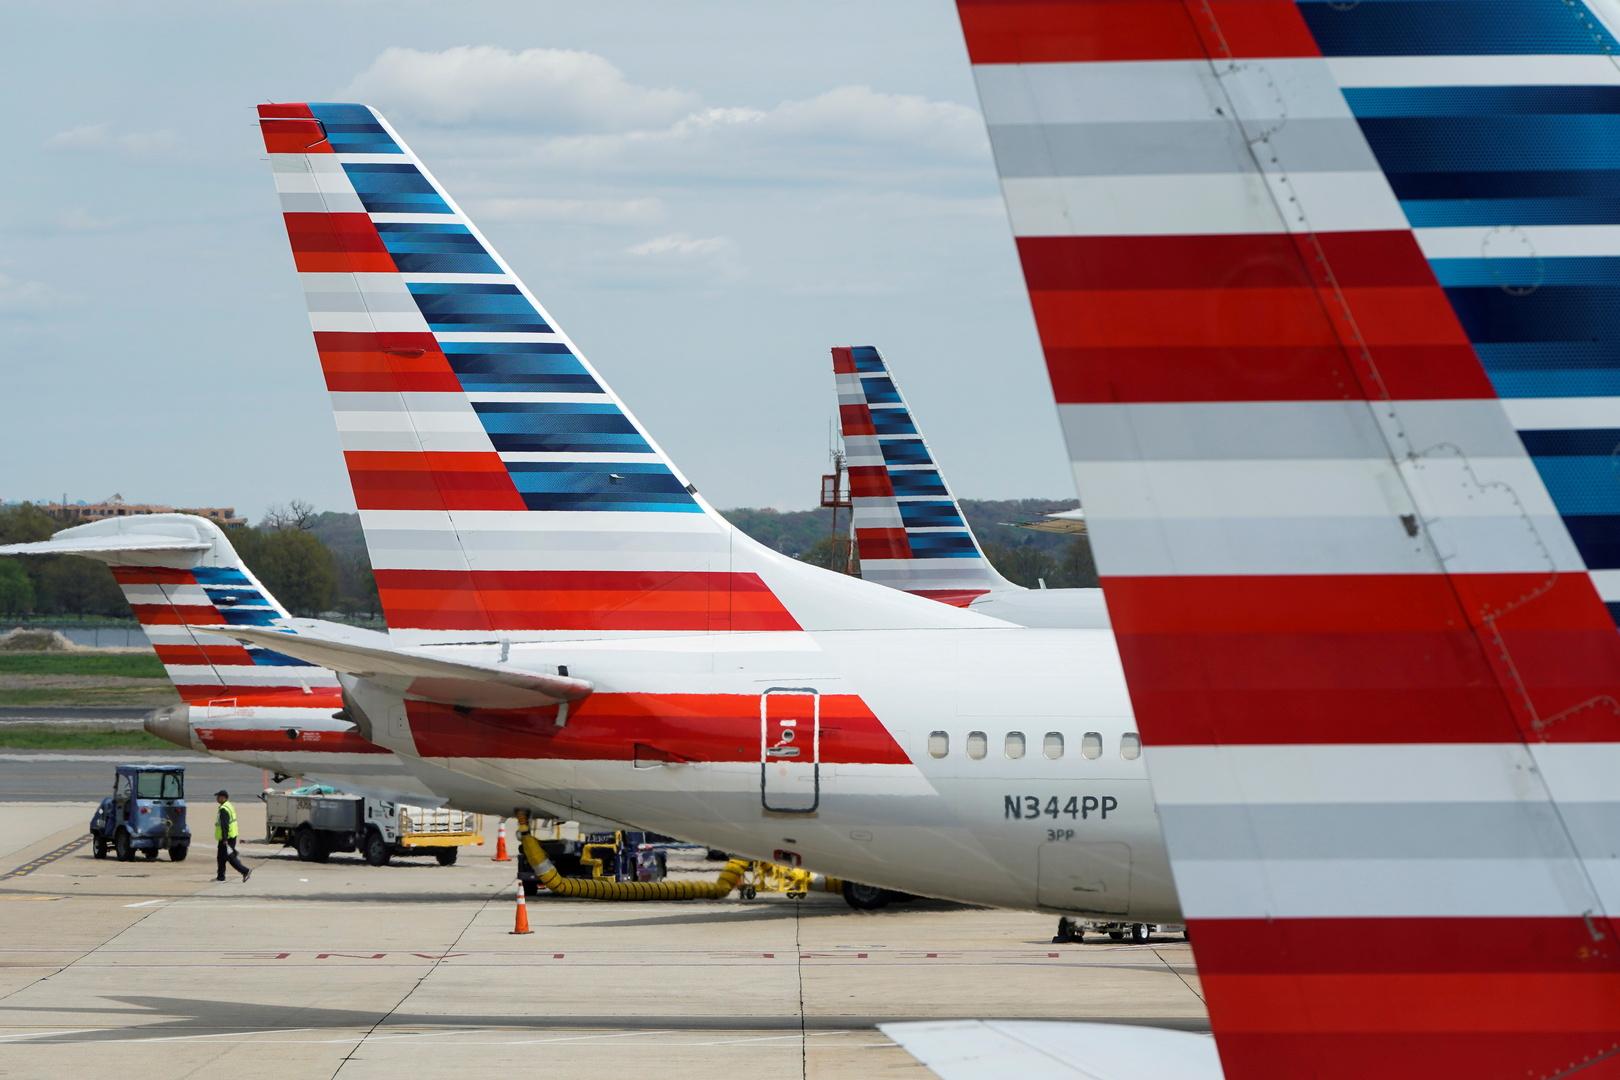 السلطات الأمريكية تعتزم فرض قيود على الرحلات الجوية إلى بيلاروس